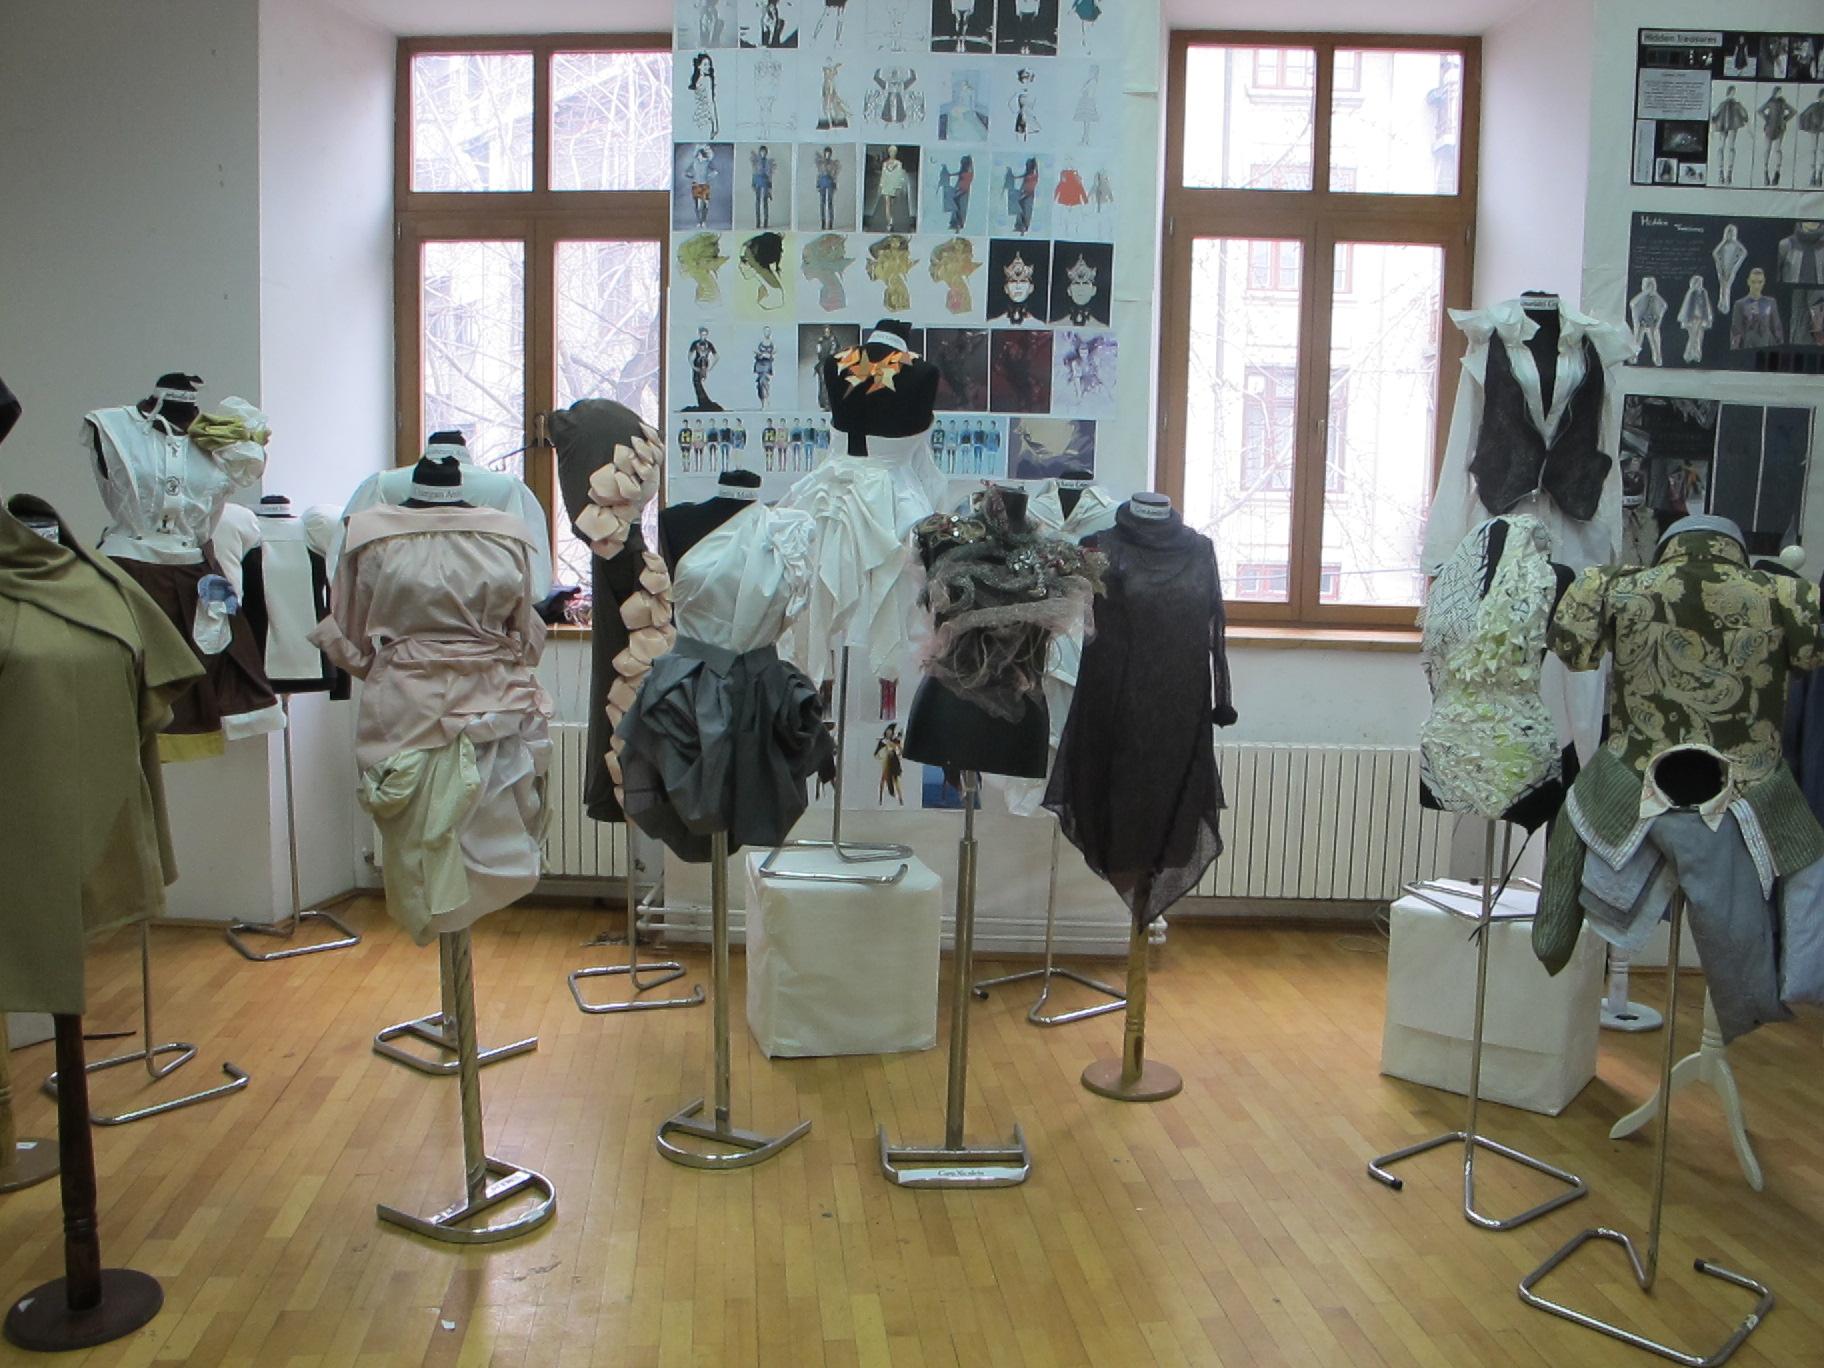 Creatiile studentilor de la Moda, Anul II, UNArte, februarie 2013